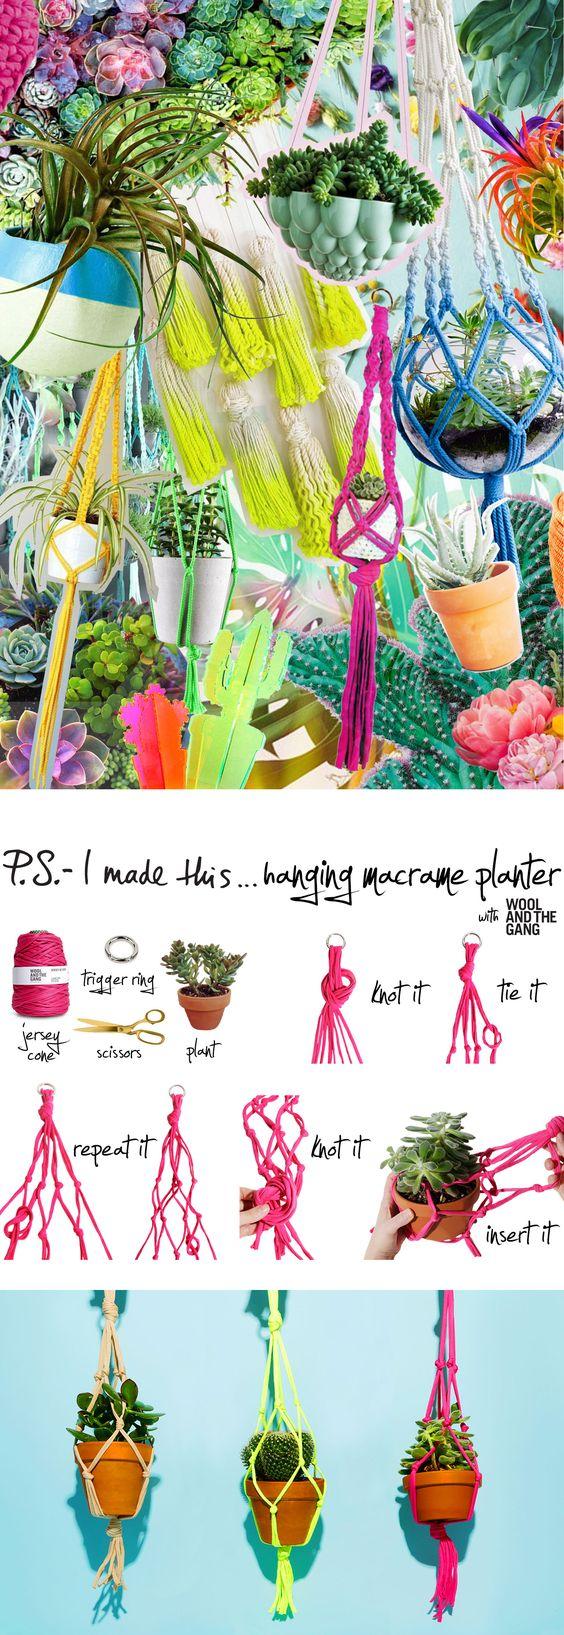 diy-hanging-planter-pots-6